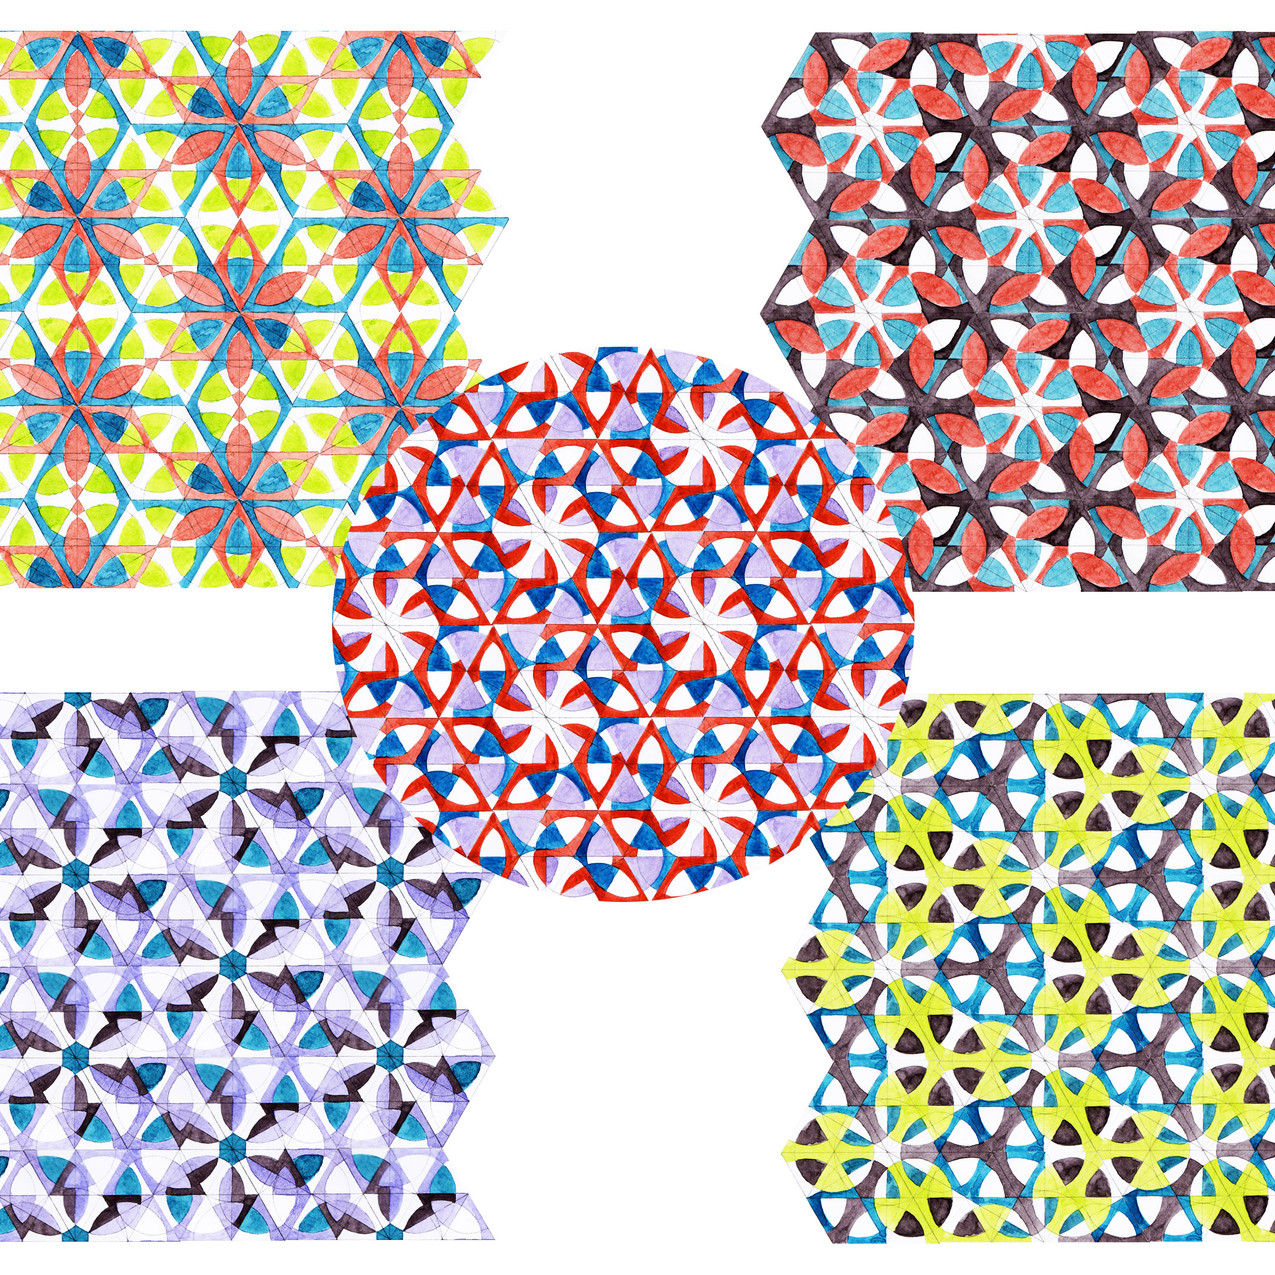 Square grid4